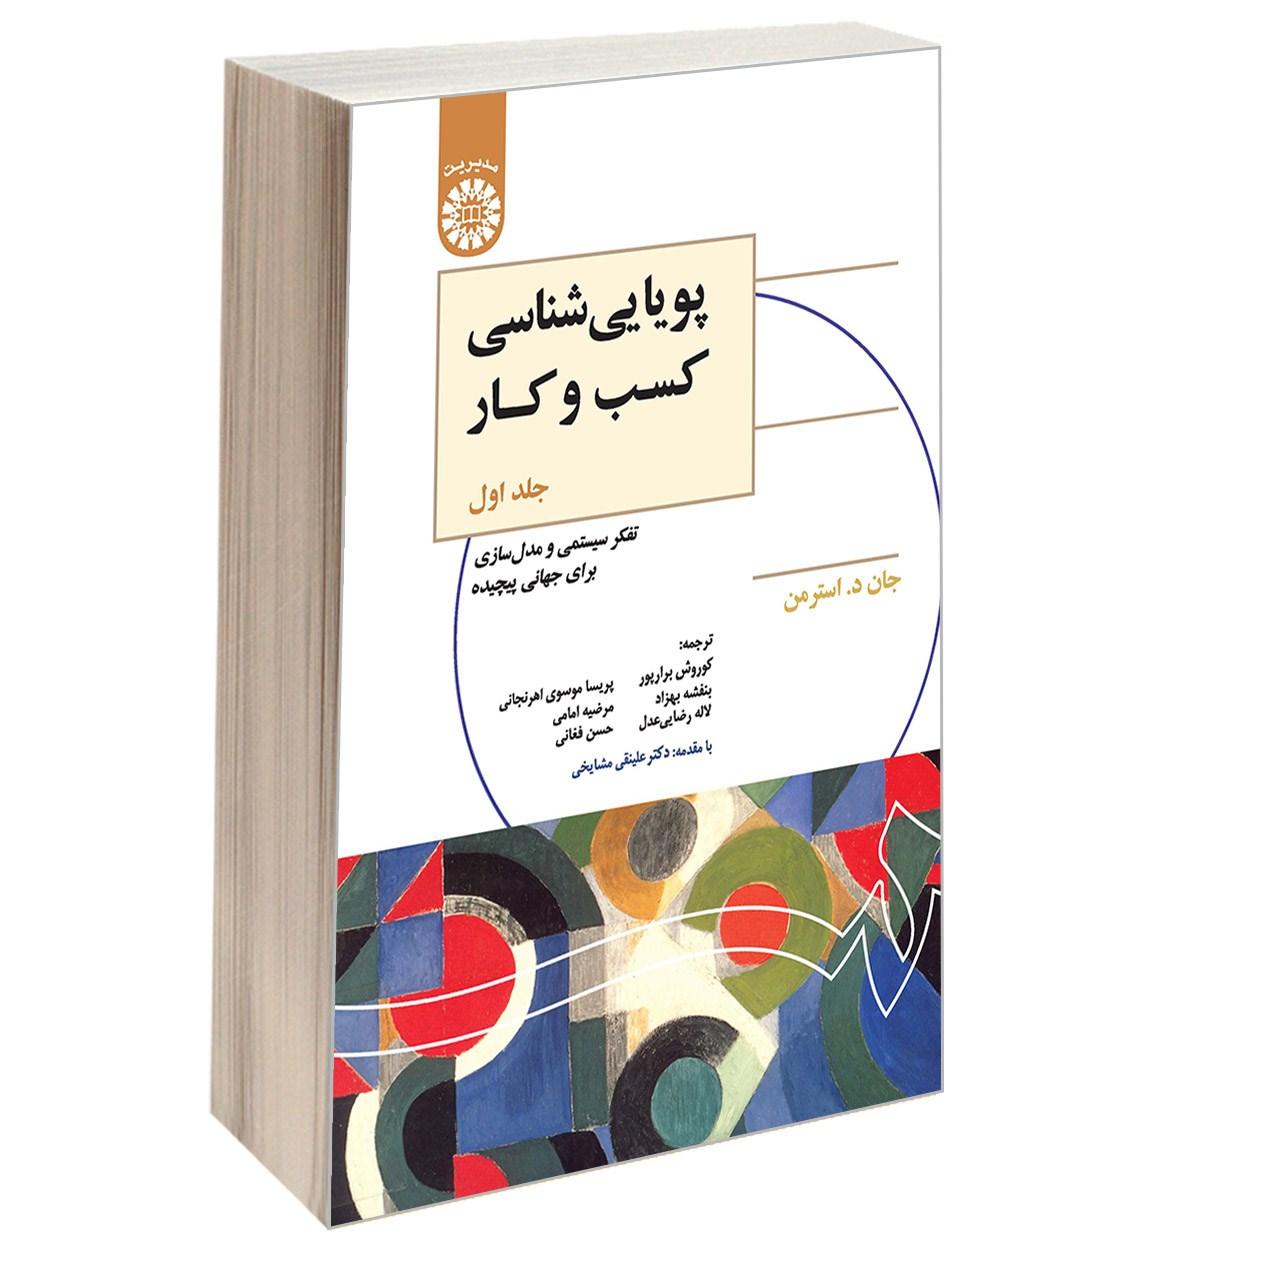 کتاب پویایی شناسی کسب و کار اثر جان د. استرمن نشر سمت جلد 1